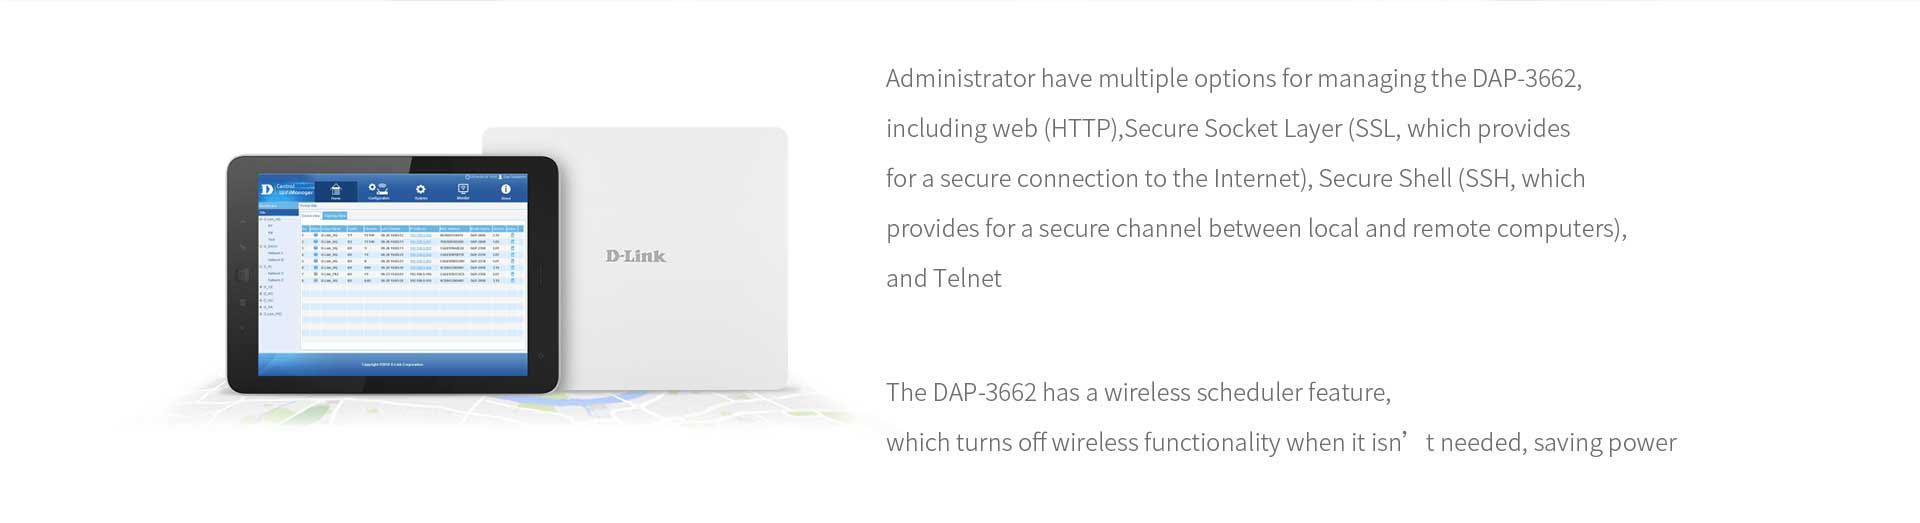 DAP-3662-11-CWMb